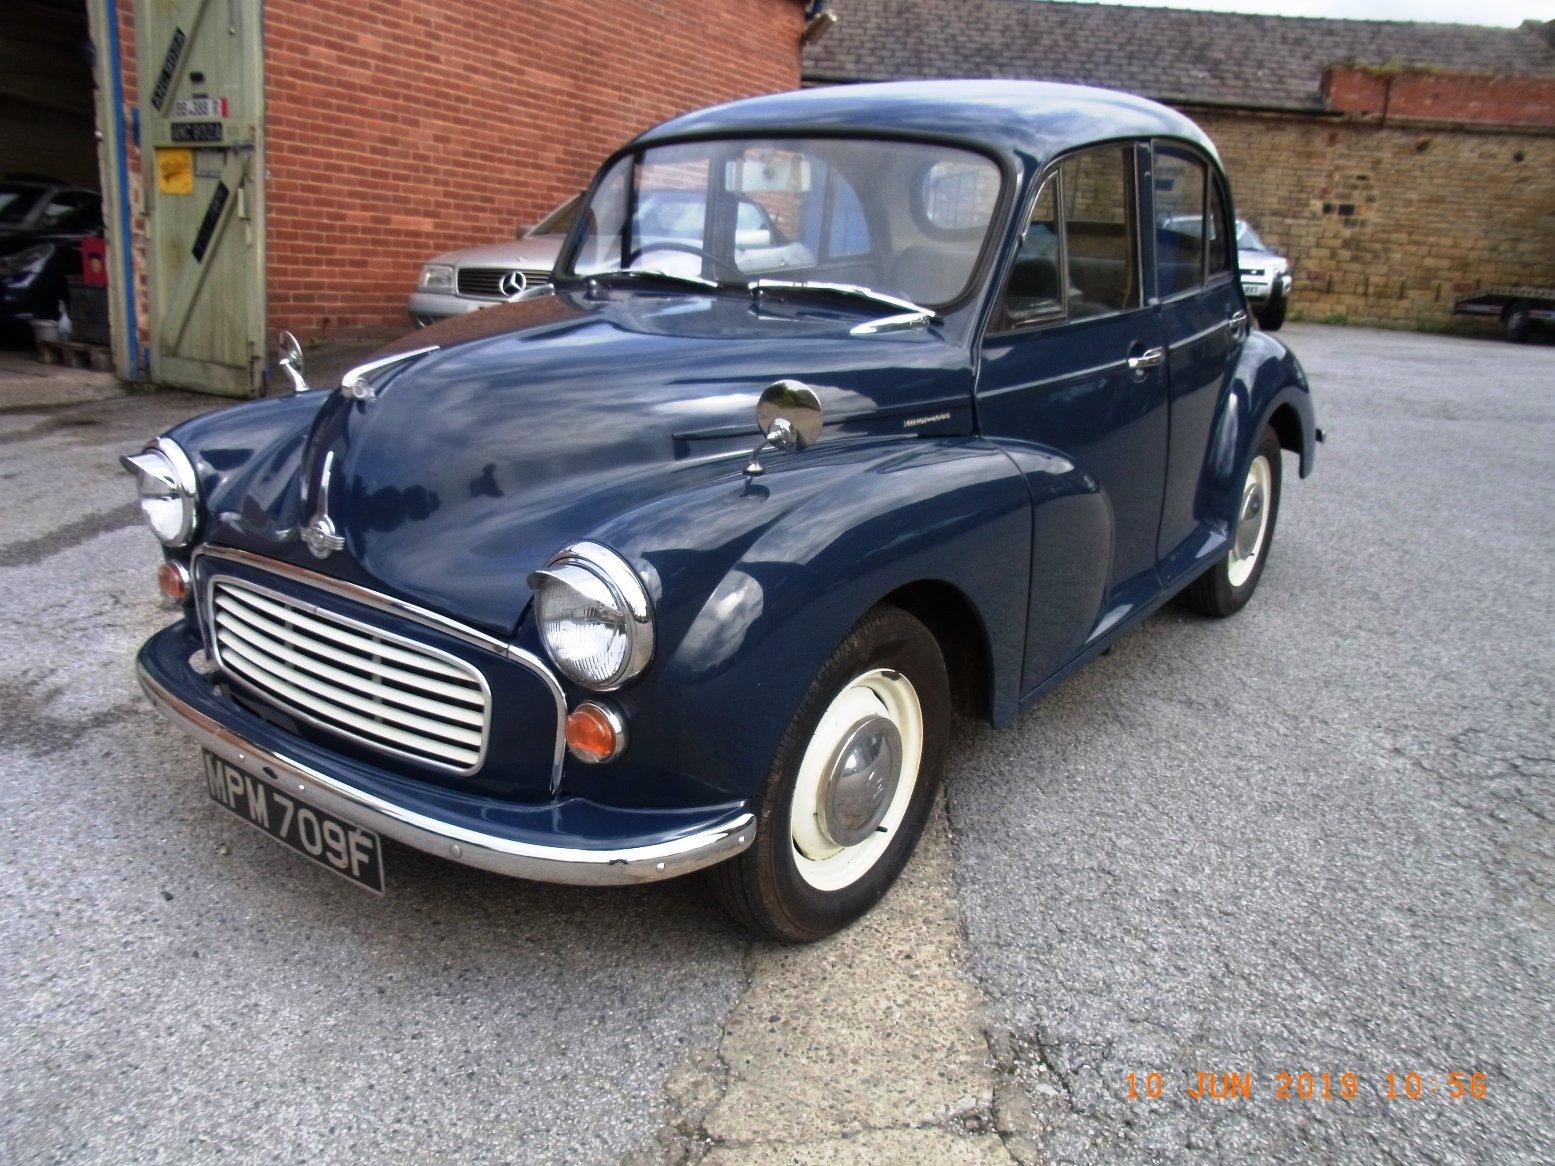 1967 Morris Minor 1000 / 4 door Saloon For Sale (picture 2 of 6)